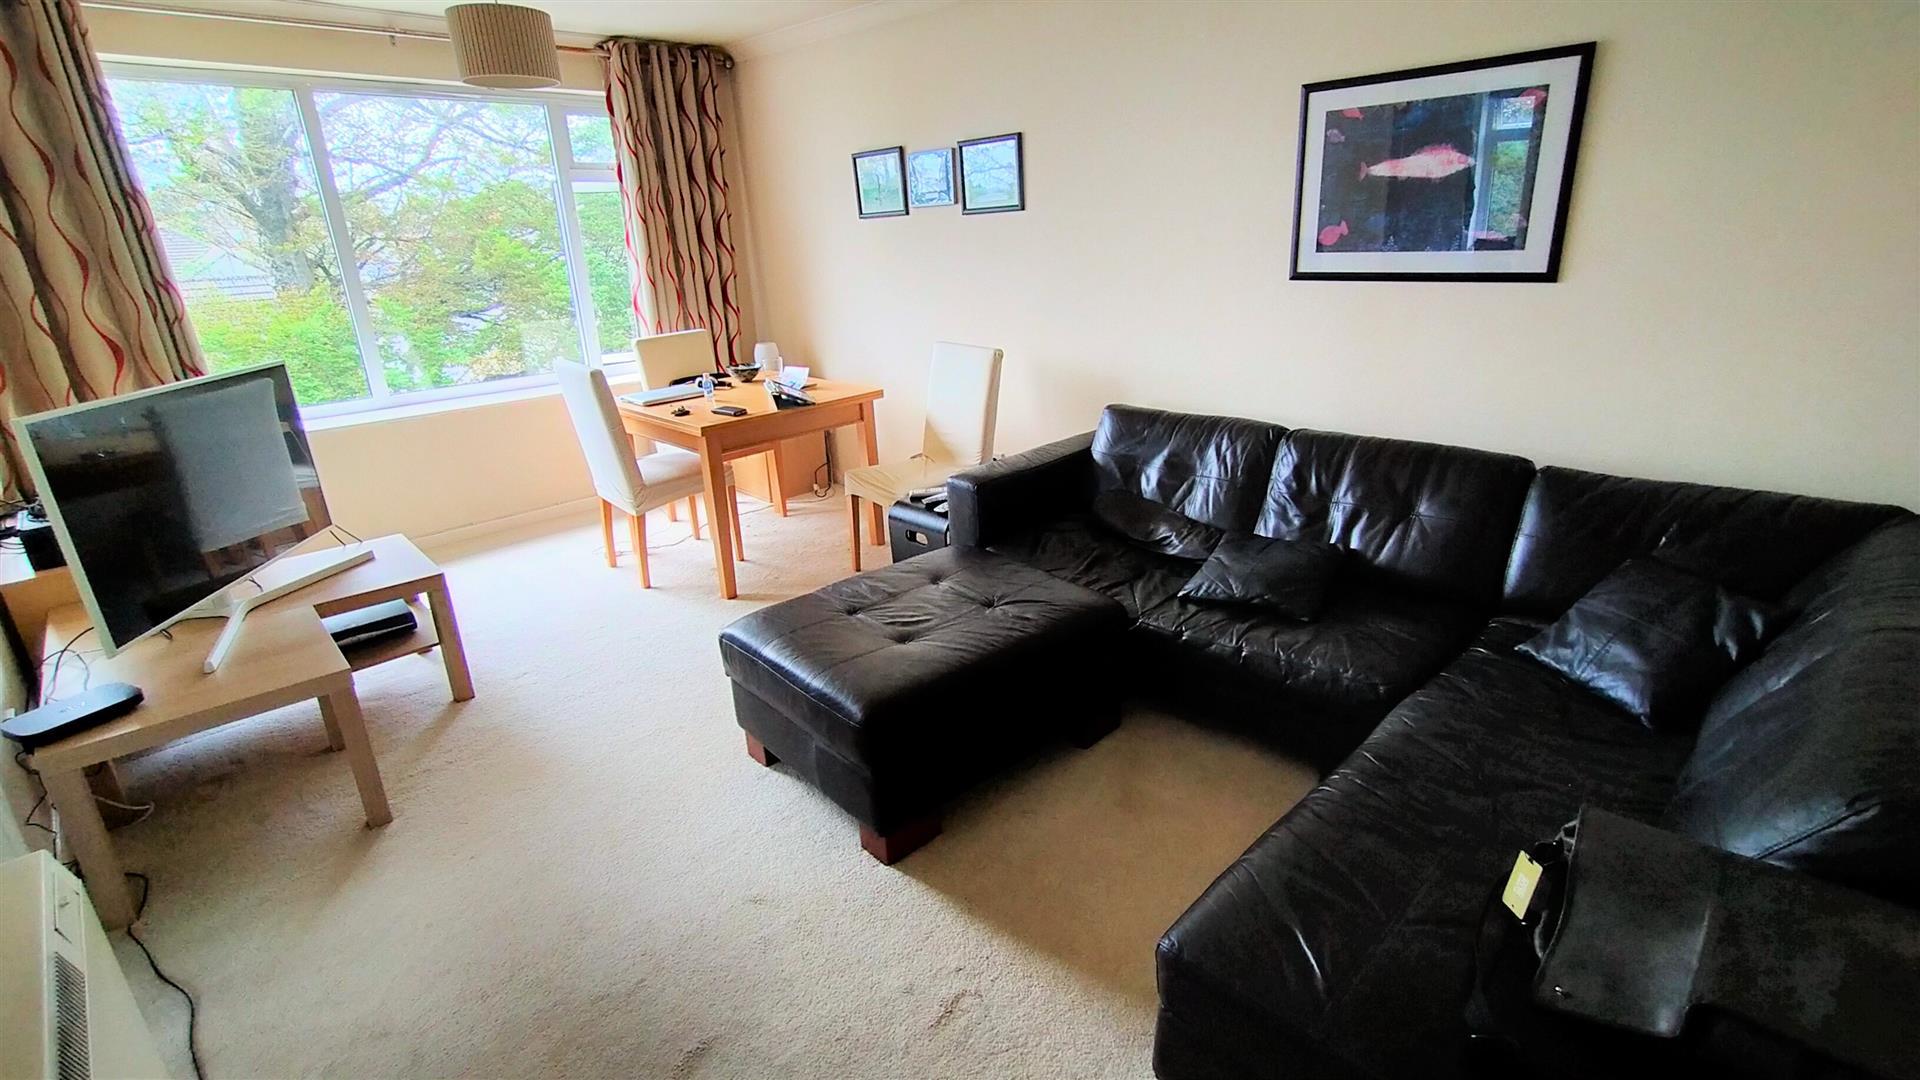 Llwyn Y Mor, Caswell, Swansea, SA3 4RD